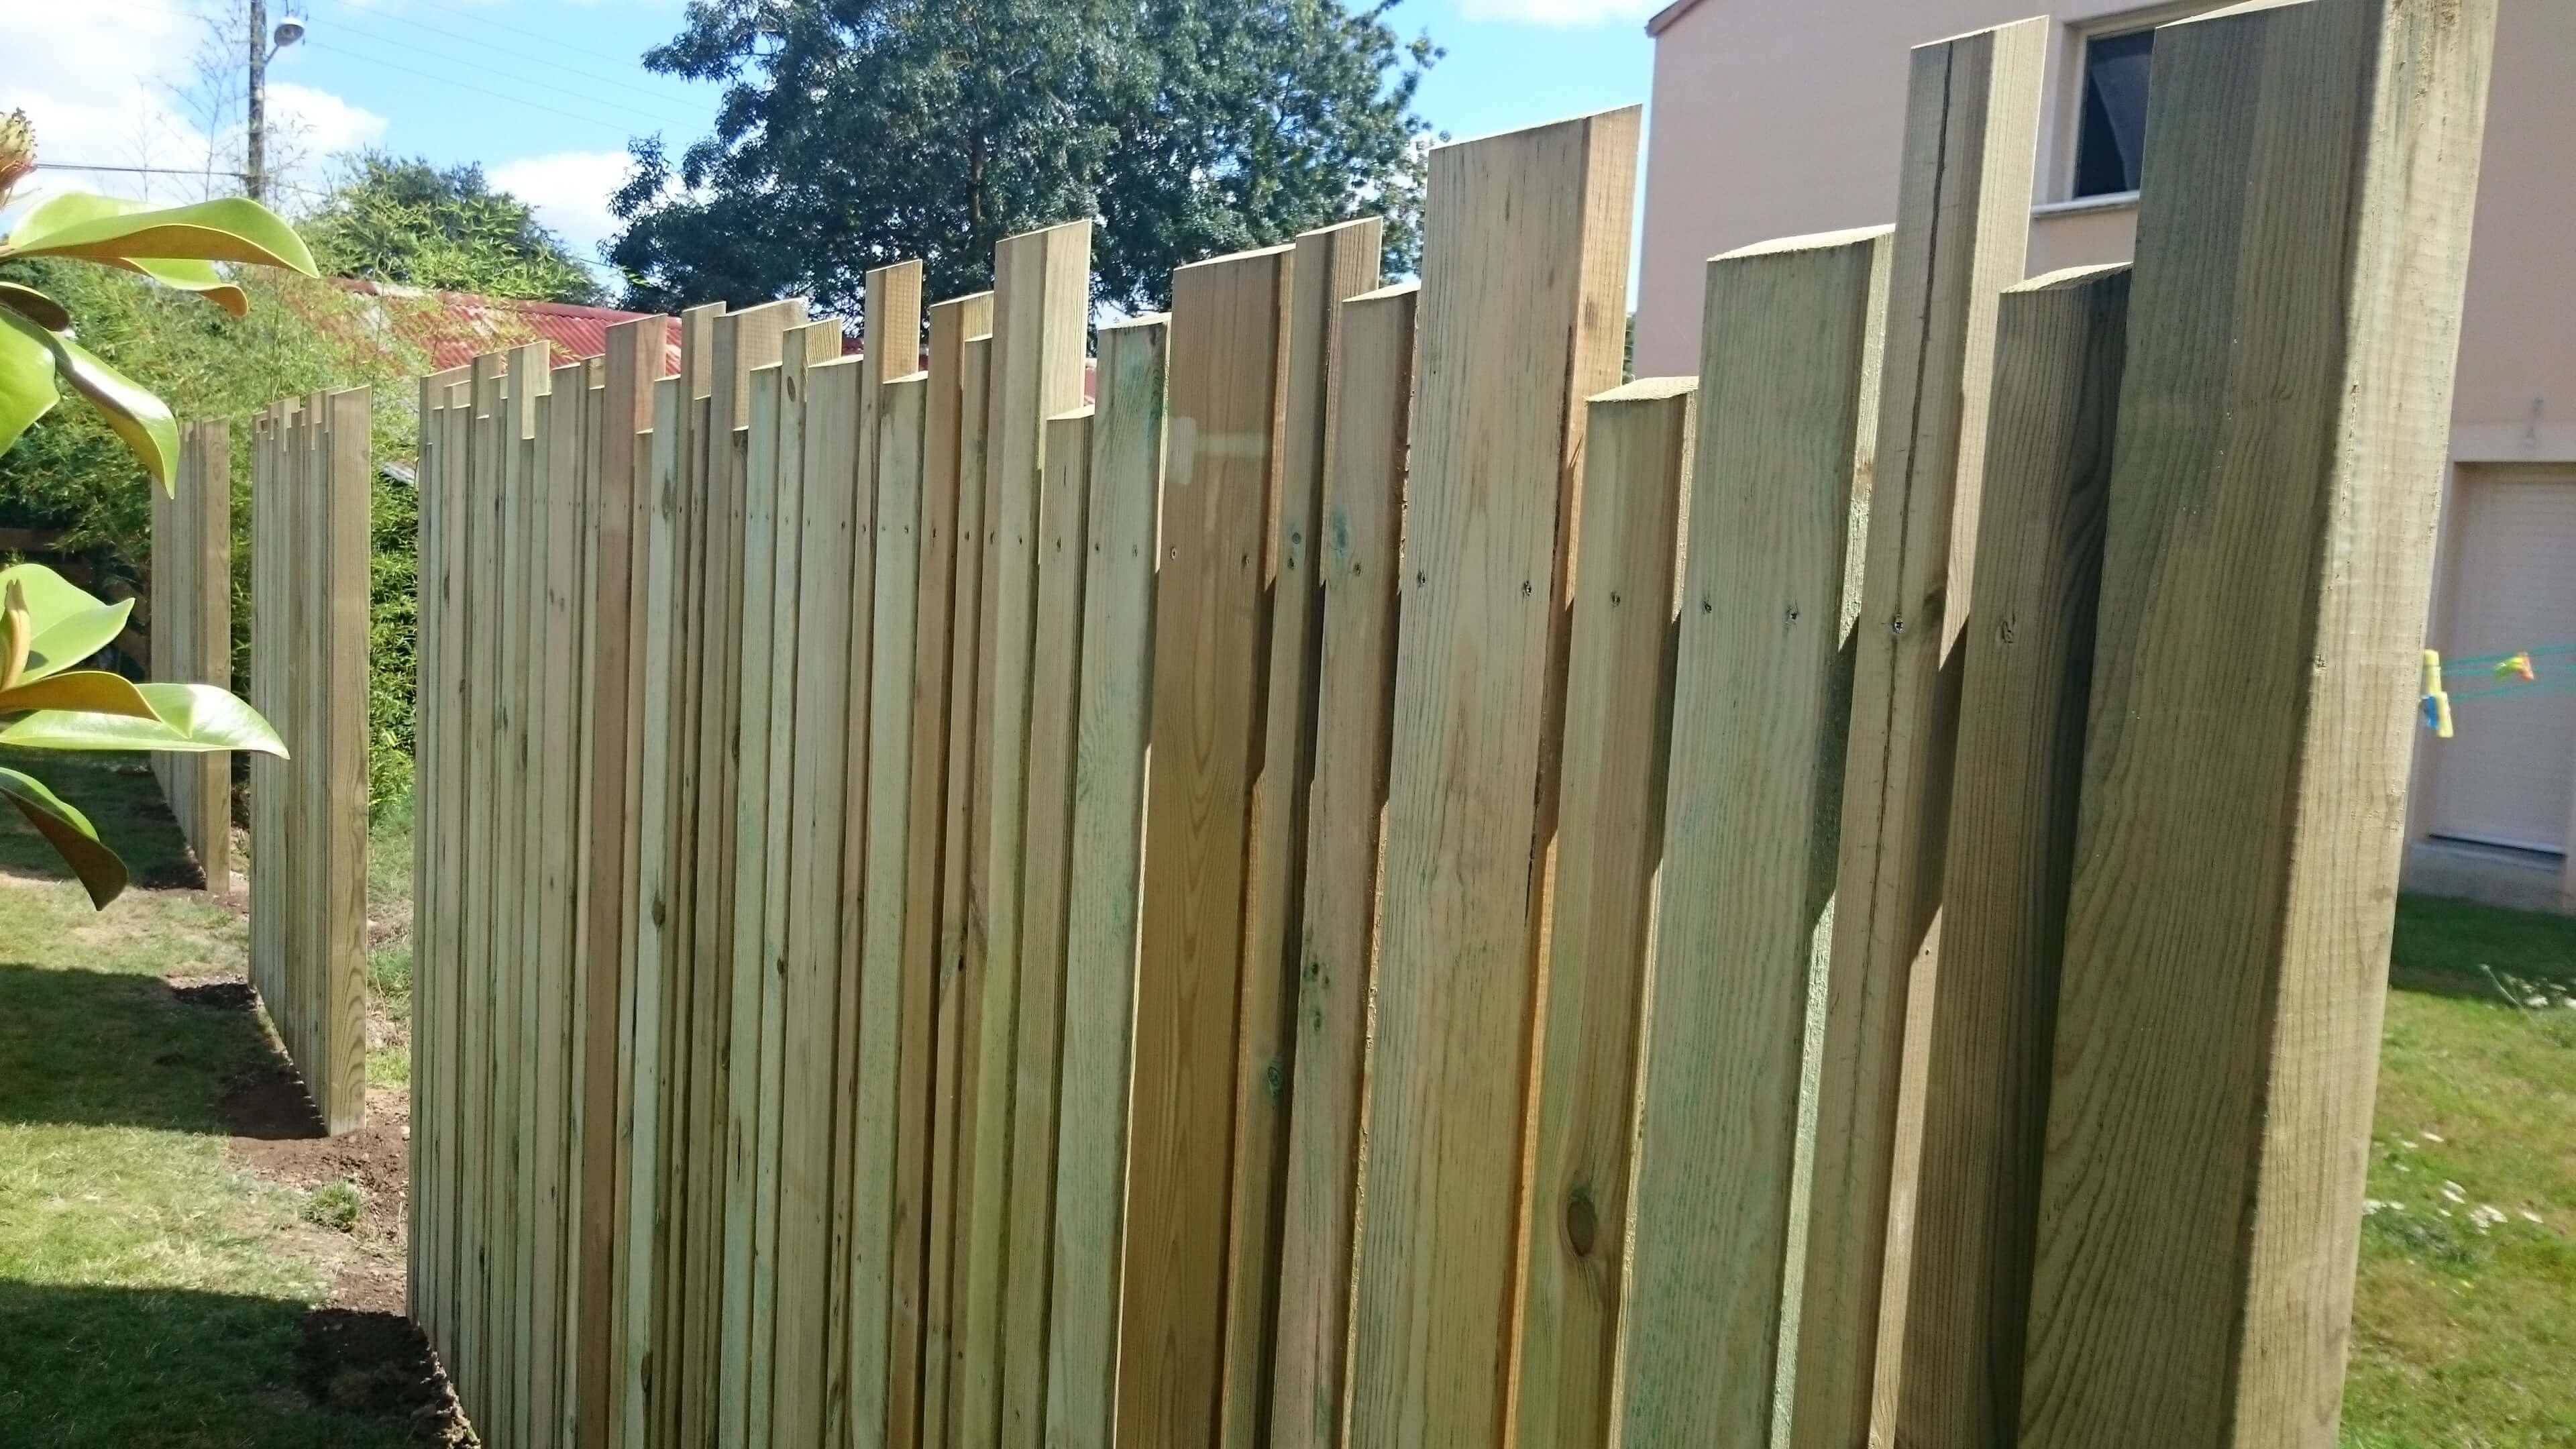 Amenagement jardin cloture bois - Cloture de jardin en bois ...